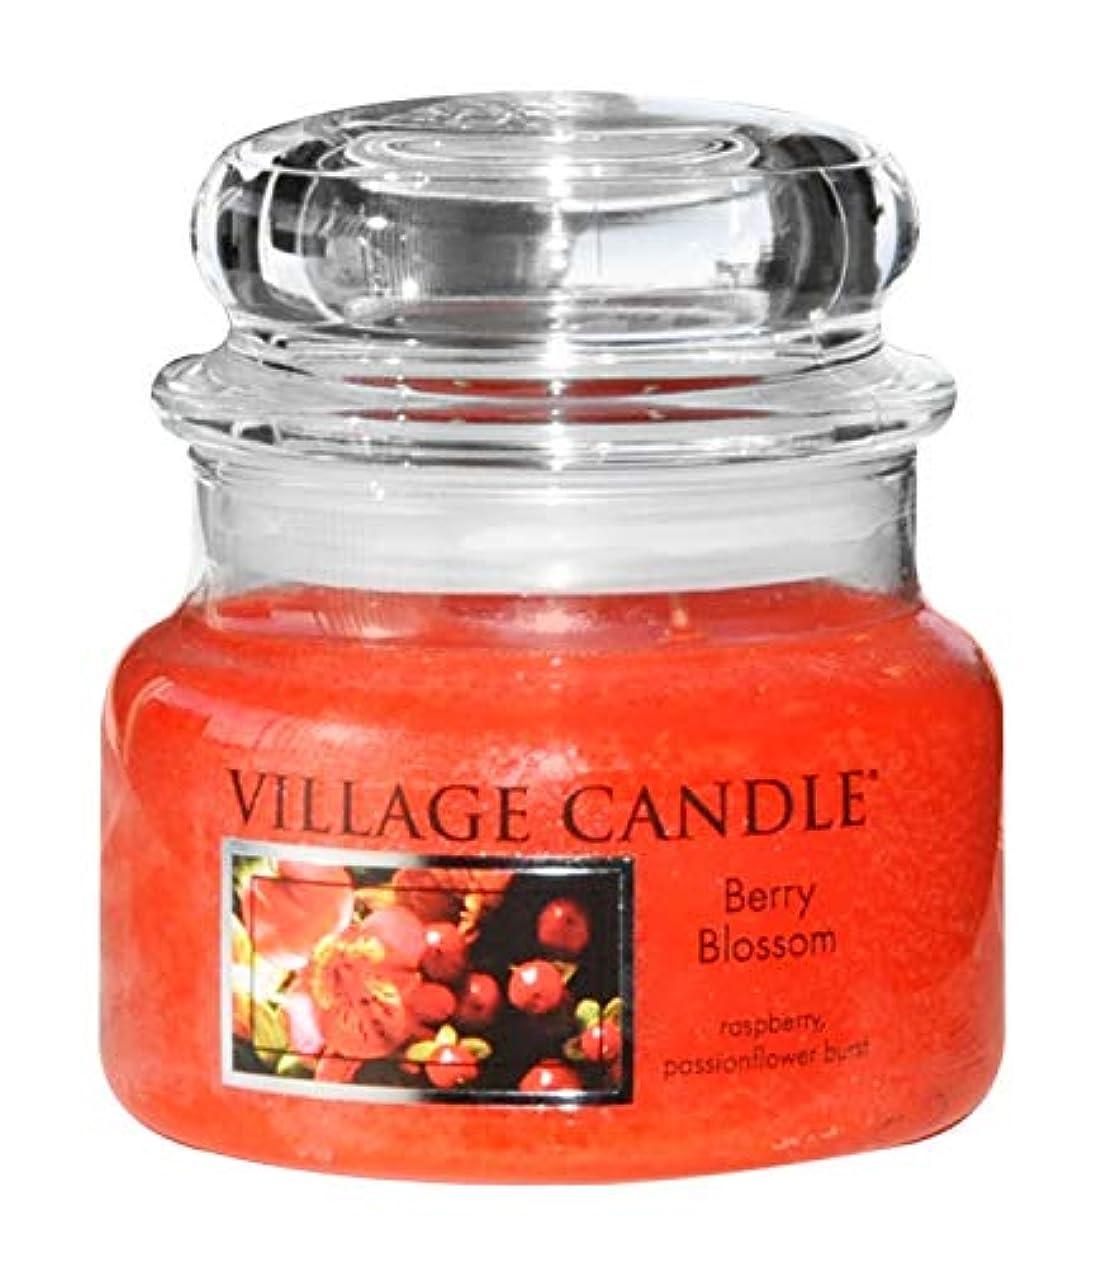 繁雑自動忘れっぽいVillage CandleベリーBlossom 11オンスガラスJar Scented Candle、スモール Small (11 oz) レッド 106011846